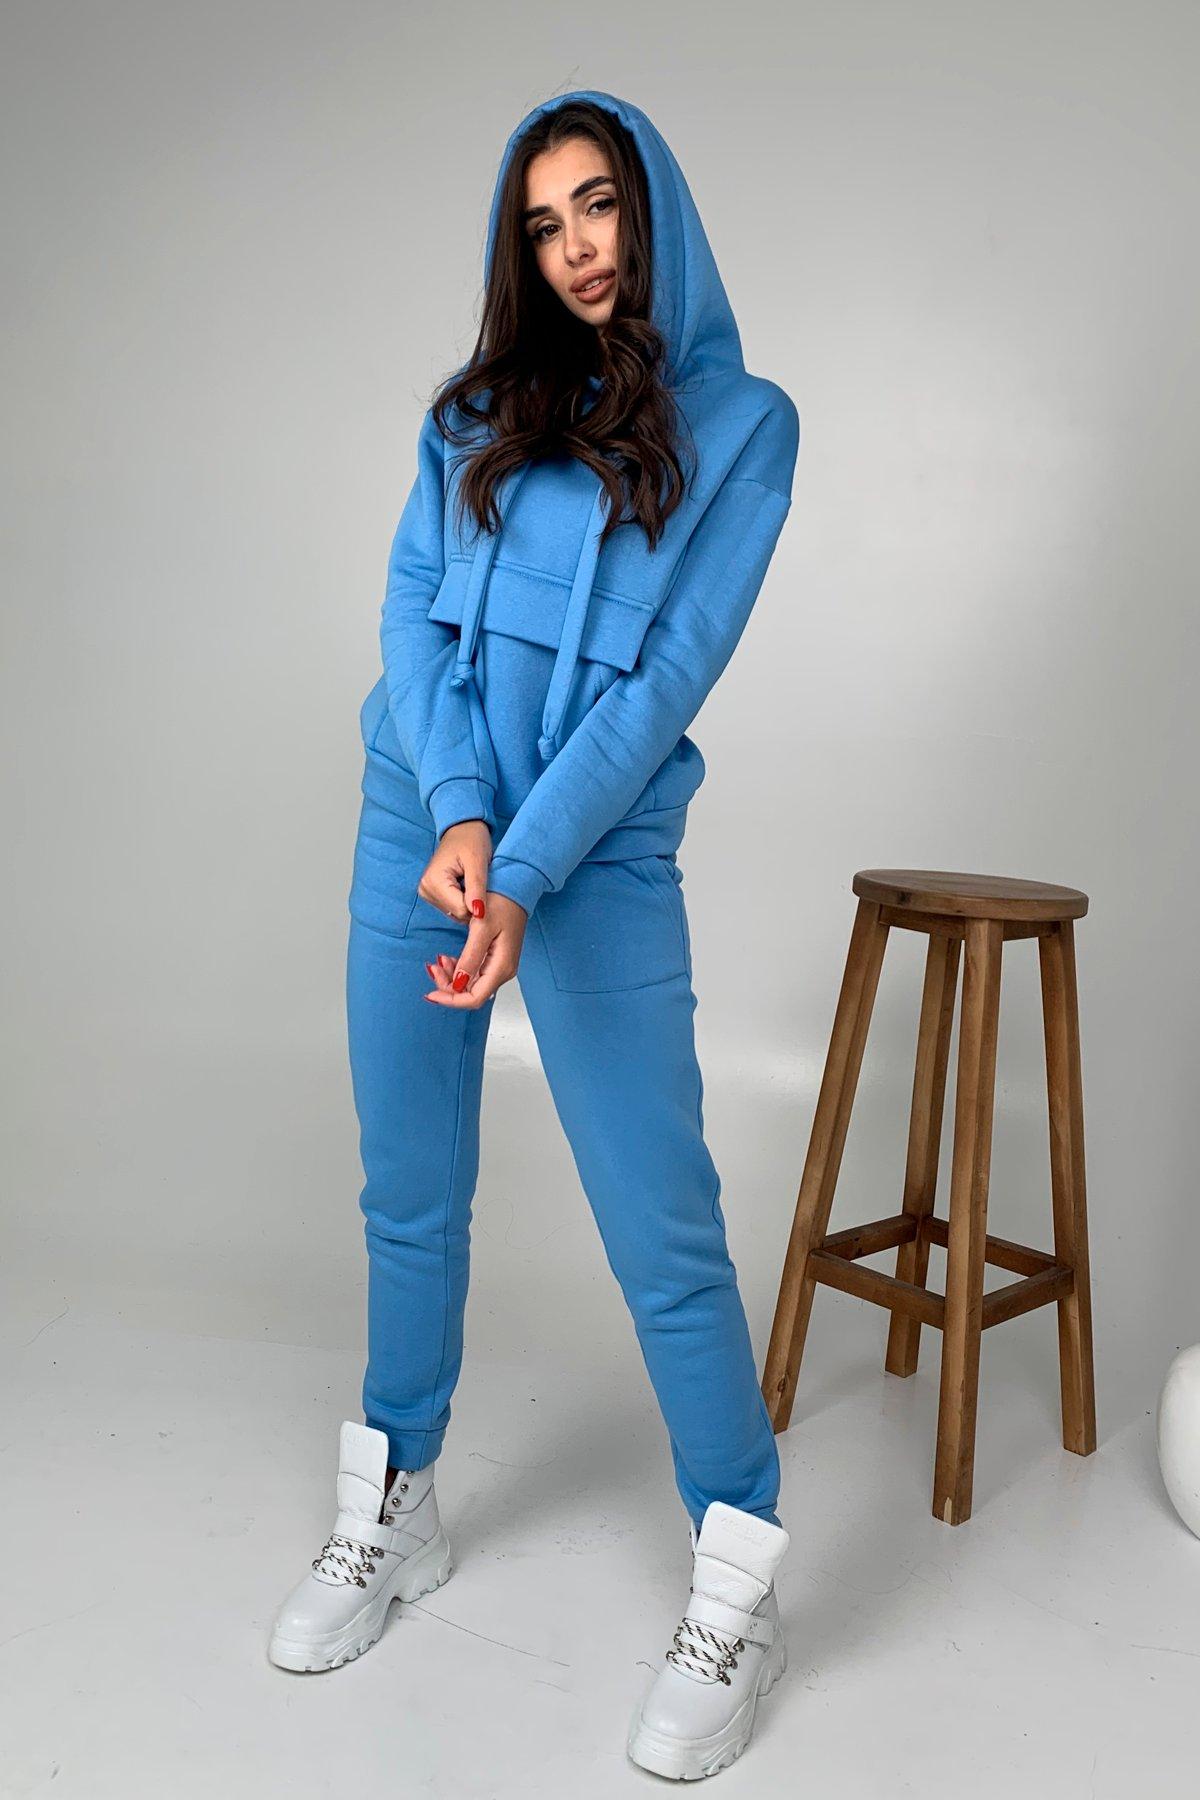 Бруклин  прогулочный костюм 3х нитка с начесом  9663 АРТ. 46462 Цвет: Голубой 1 - фото 6, интернет магазин tm-modus.ru